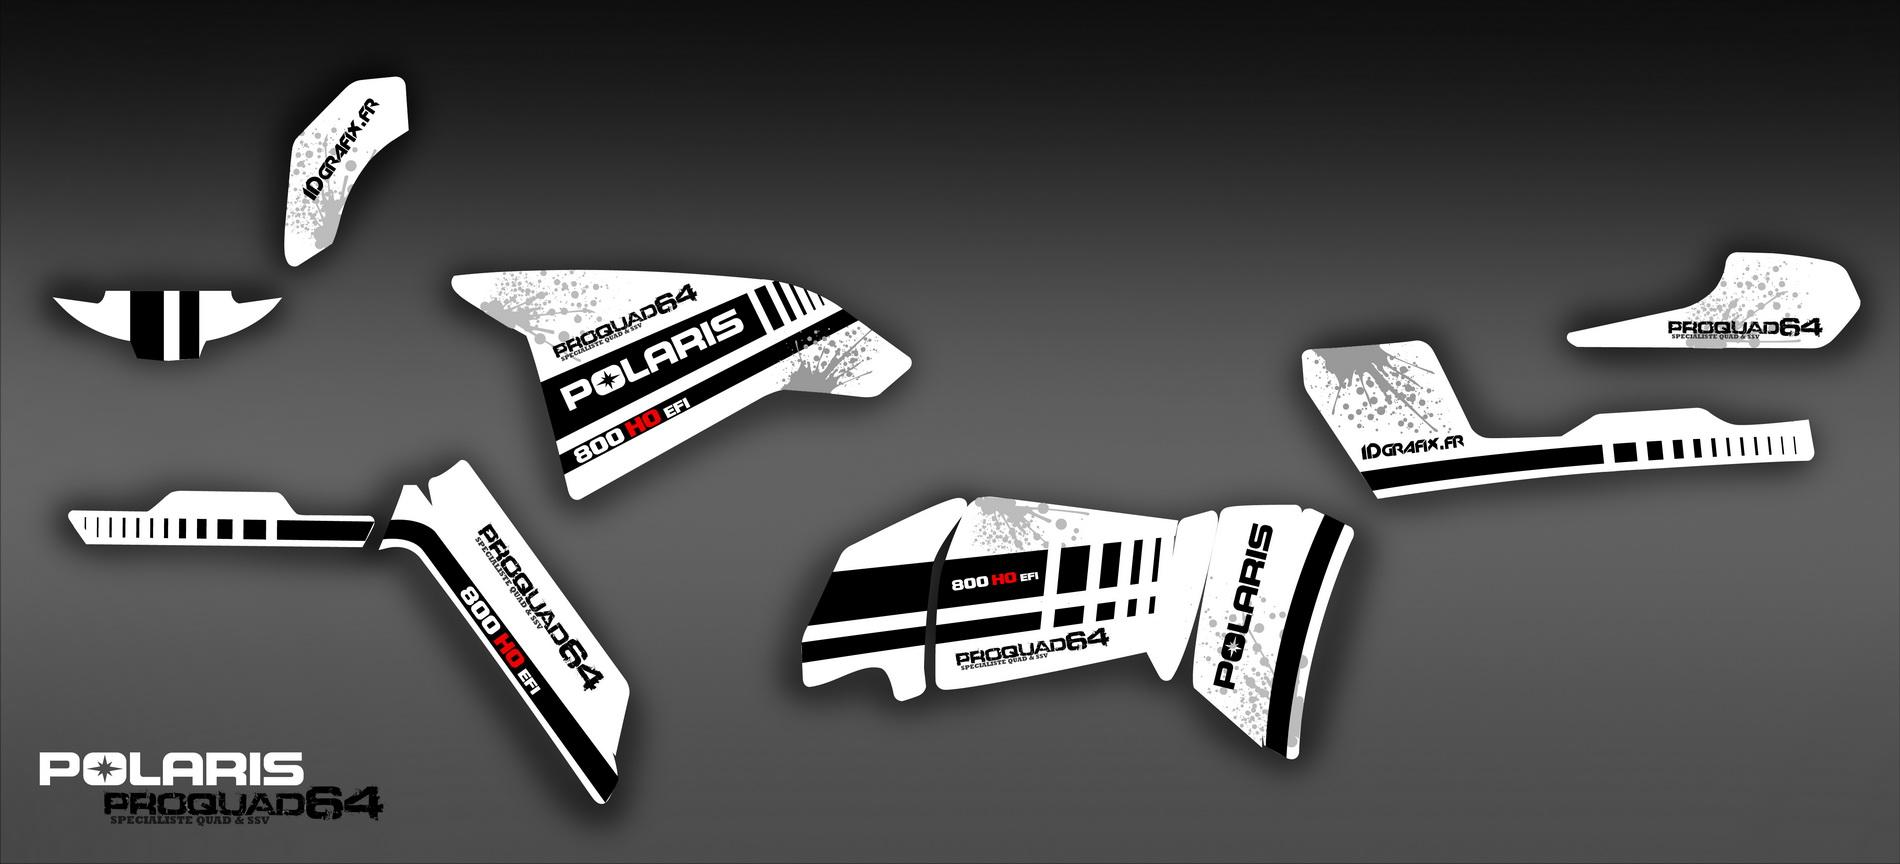 Maquette kit déco Idgrafix pour Polaris 800 sportsman. Maquette 500 Sportsman pour laurent rieux sur fond